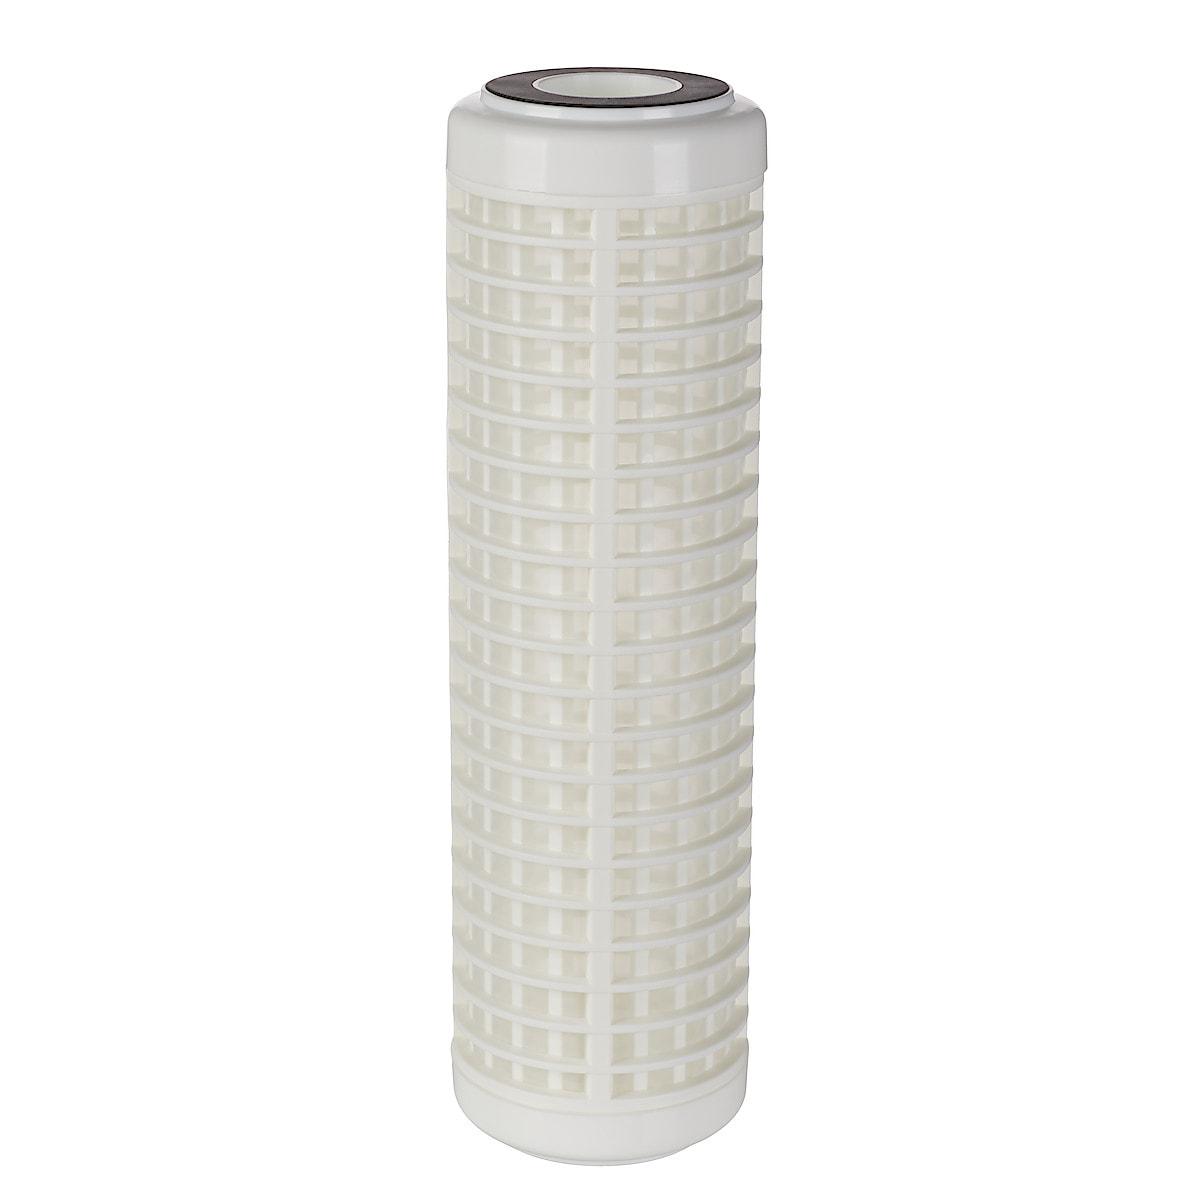 Atlas Filtri filterpatroner for vannrensing